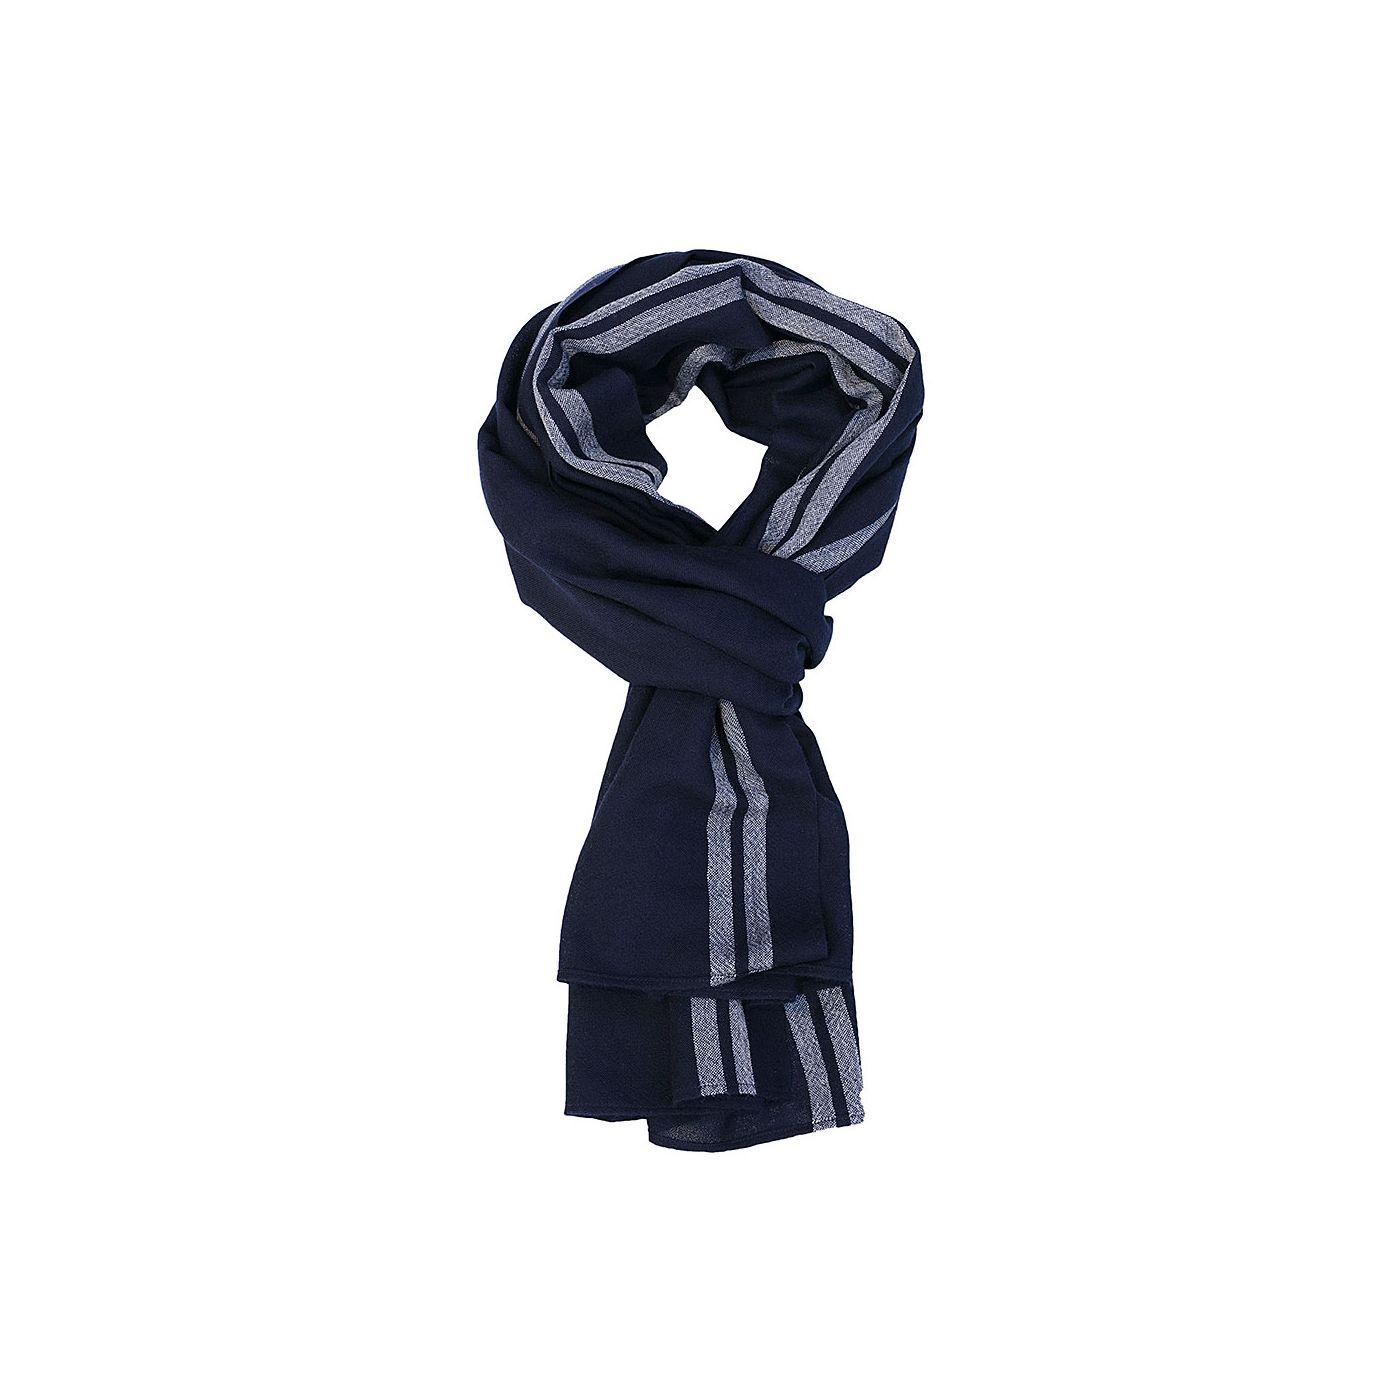 Sjaal voor mannen gemaakt van merinowol in het Donkerblauw